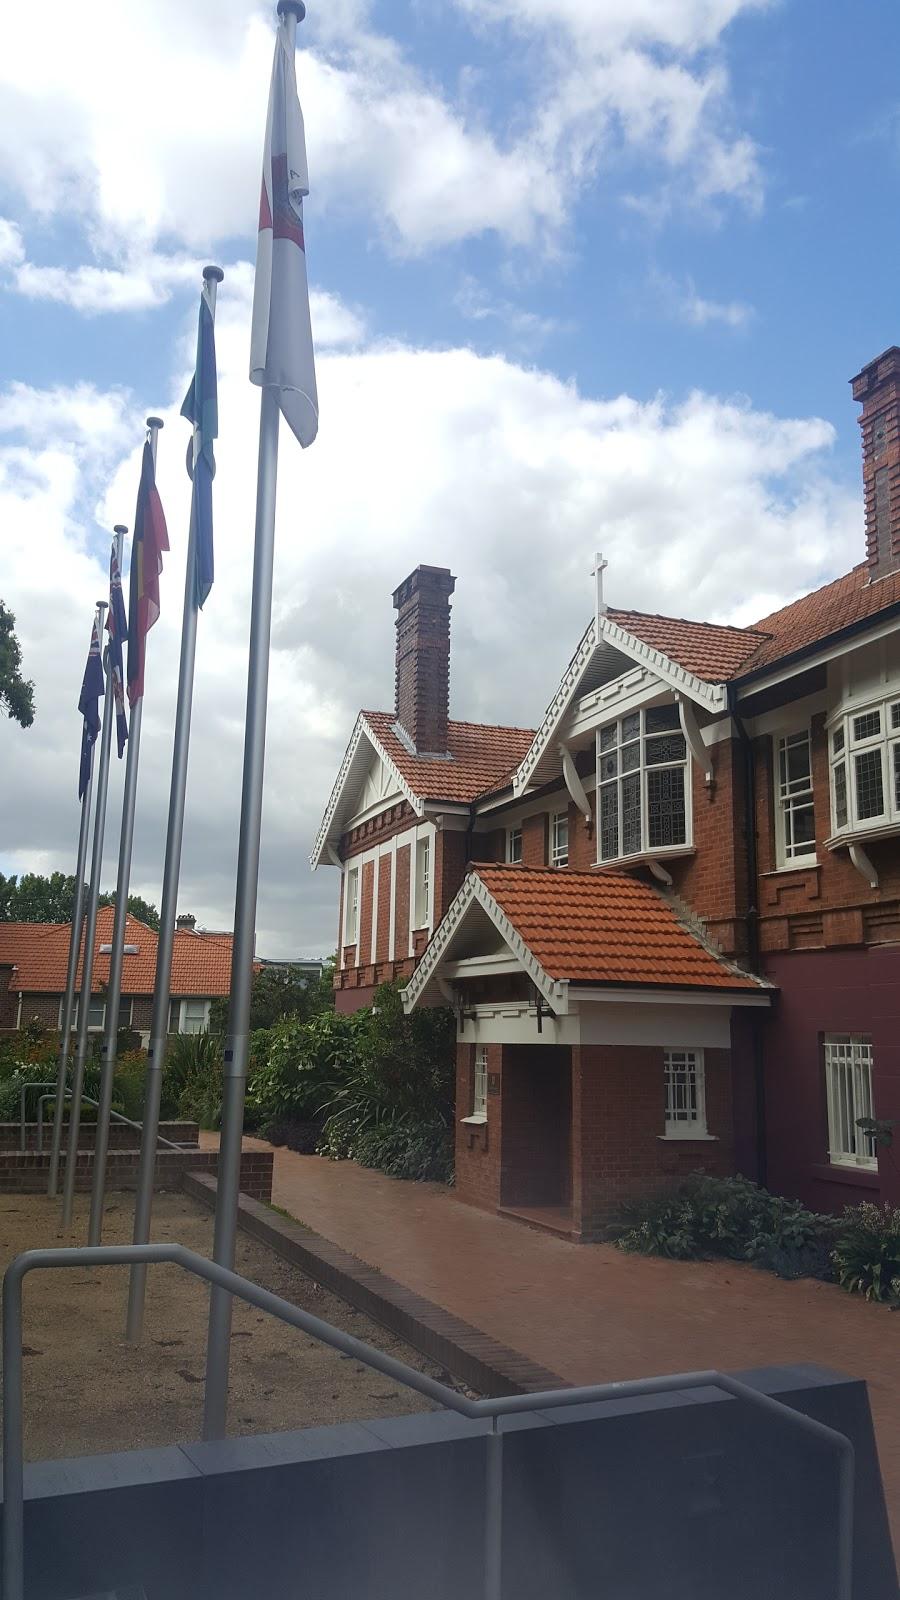 ACU North Sydney Library | library | 40 Edward St, North Sydney NSW 2060, Australia | 0297392920 OR +61 2 9739 2920